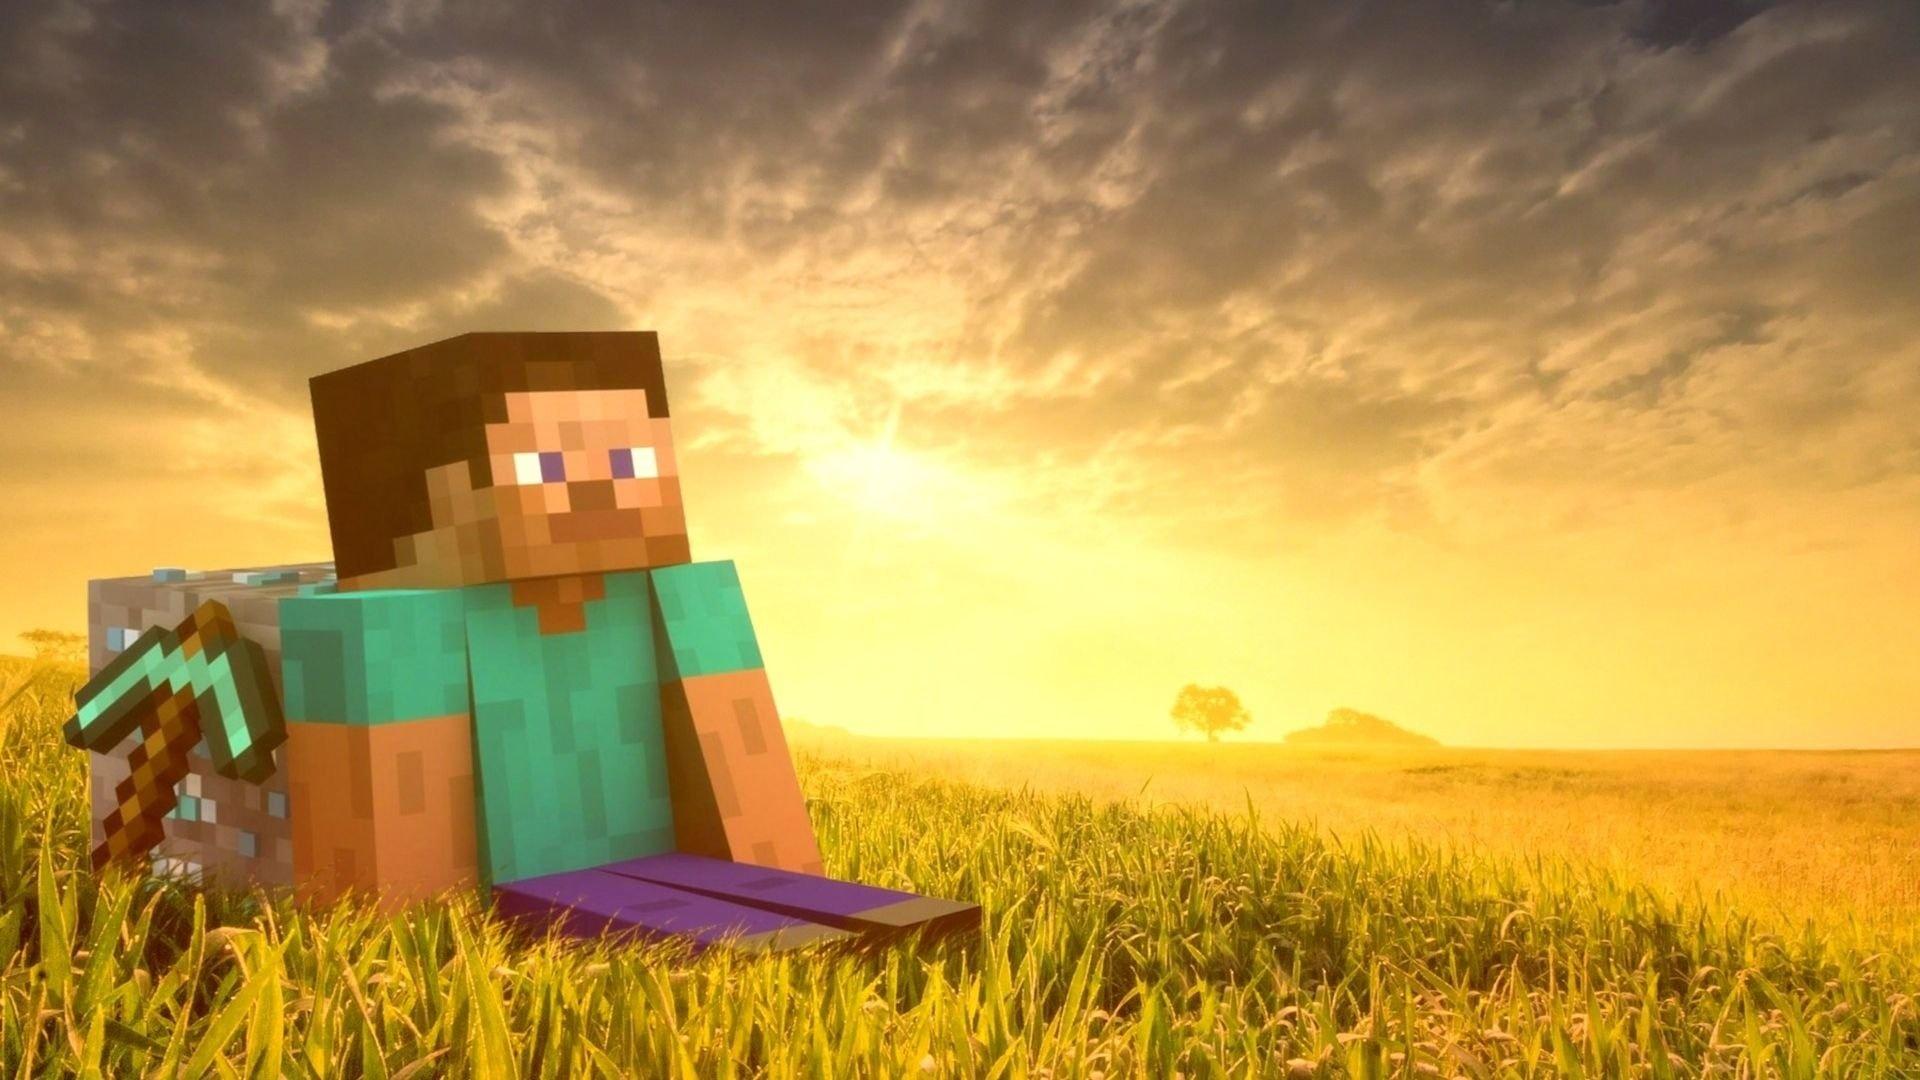 Jahre GameStar Die Zehn Wichtigsten Spiele Minecraft - Minecraft spiel spielen